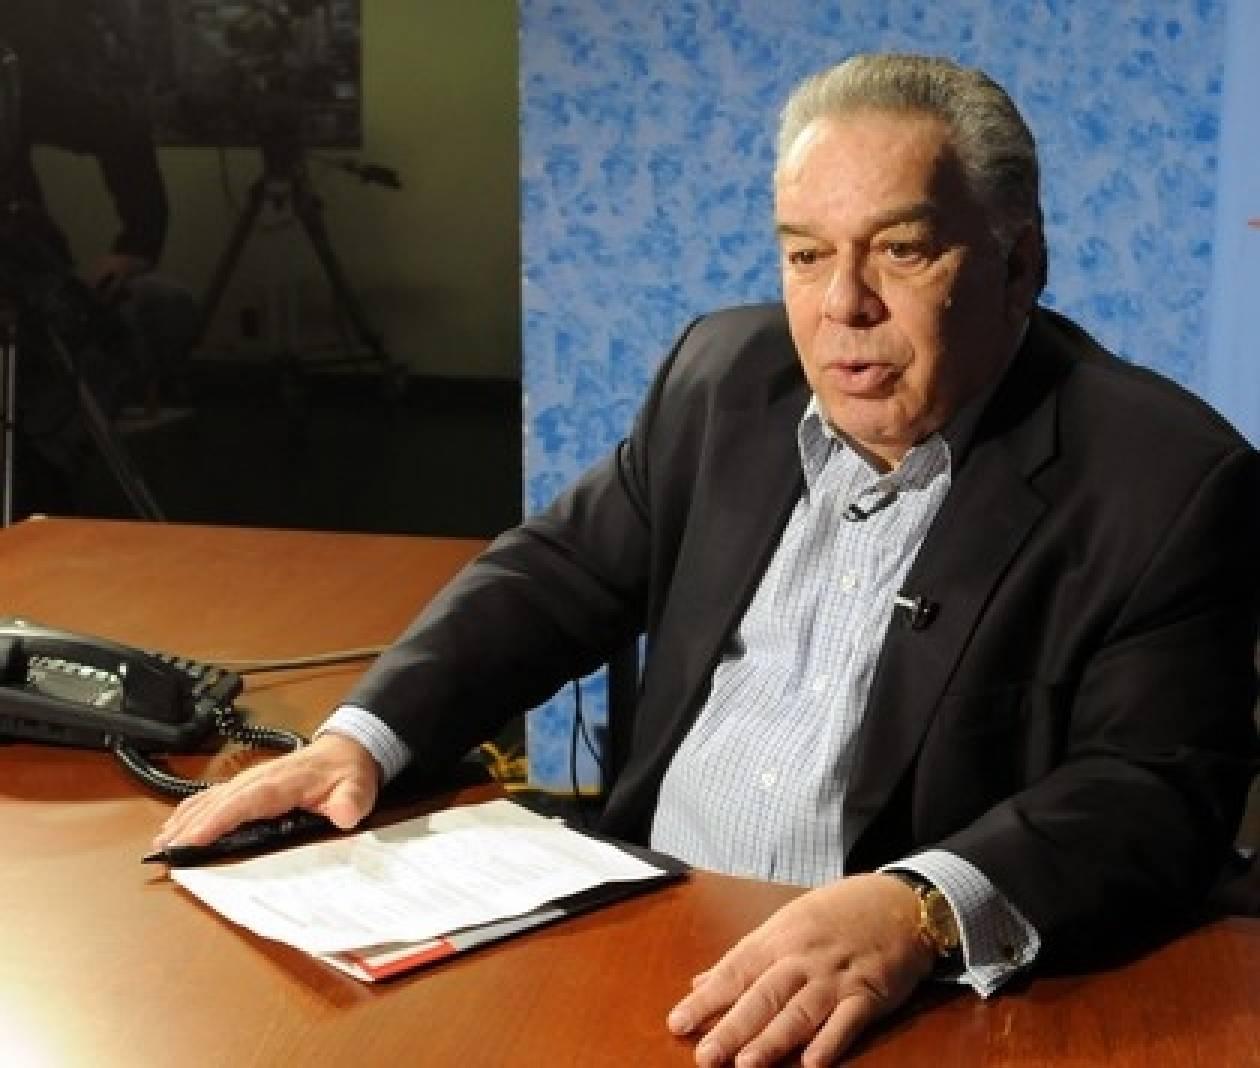 Πέθανε ο ιδρυτής του NGTV Δημήτρης Καστανάς